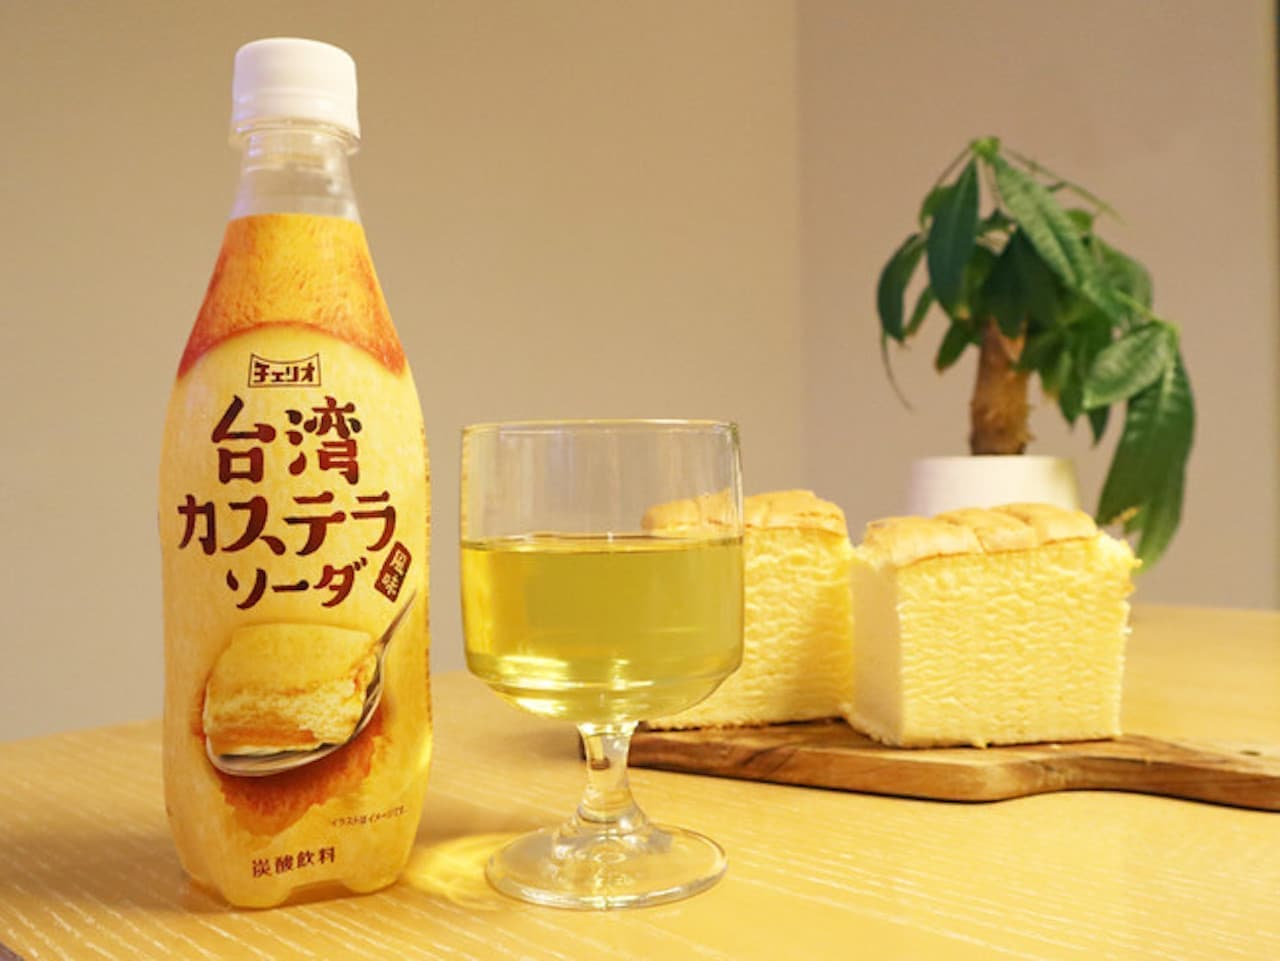 「台湾カステラソーダ」チェリオから